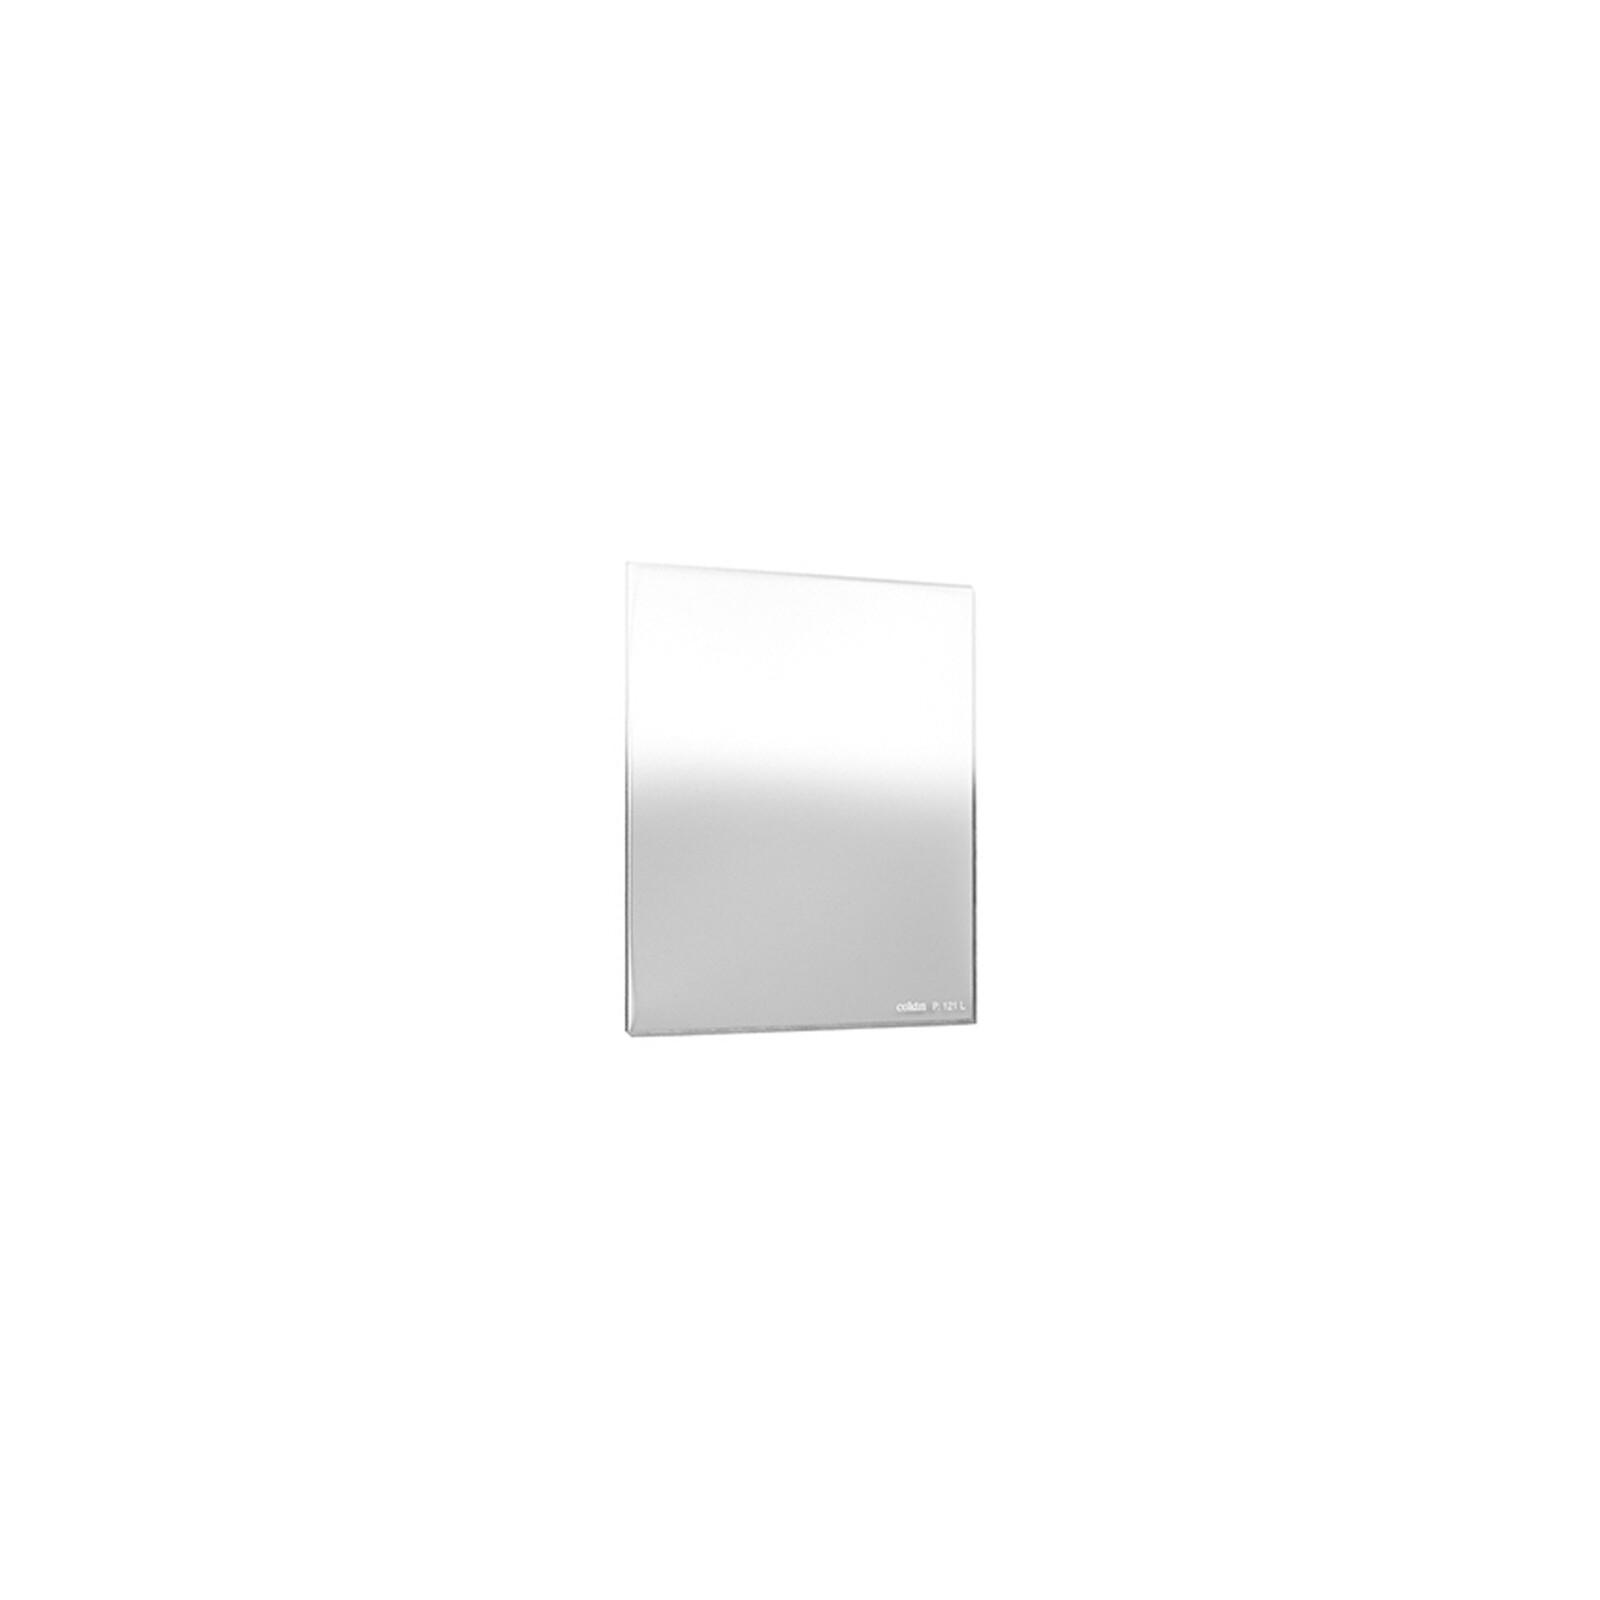 Cokin A121L Verlauf Grau 2